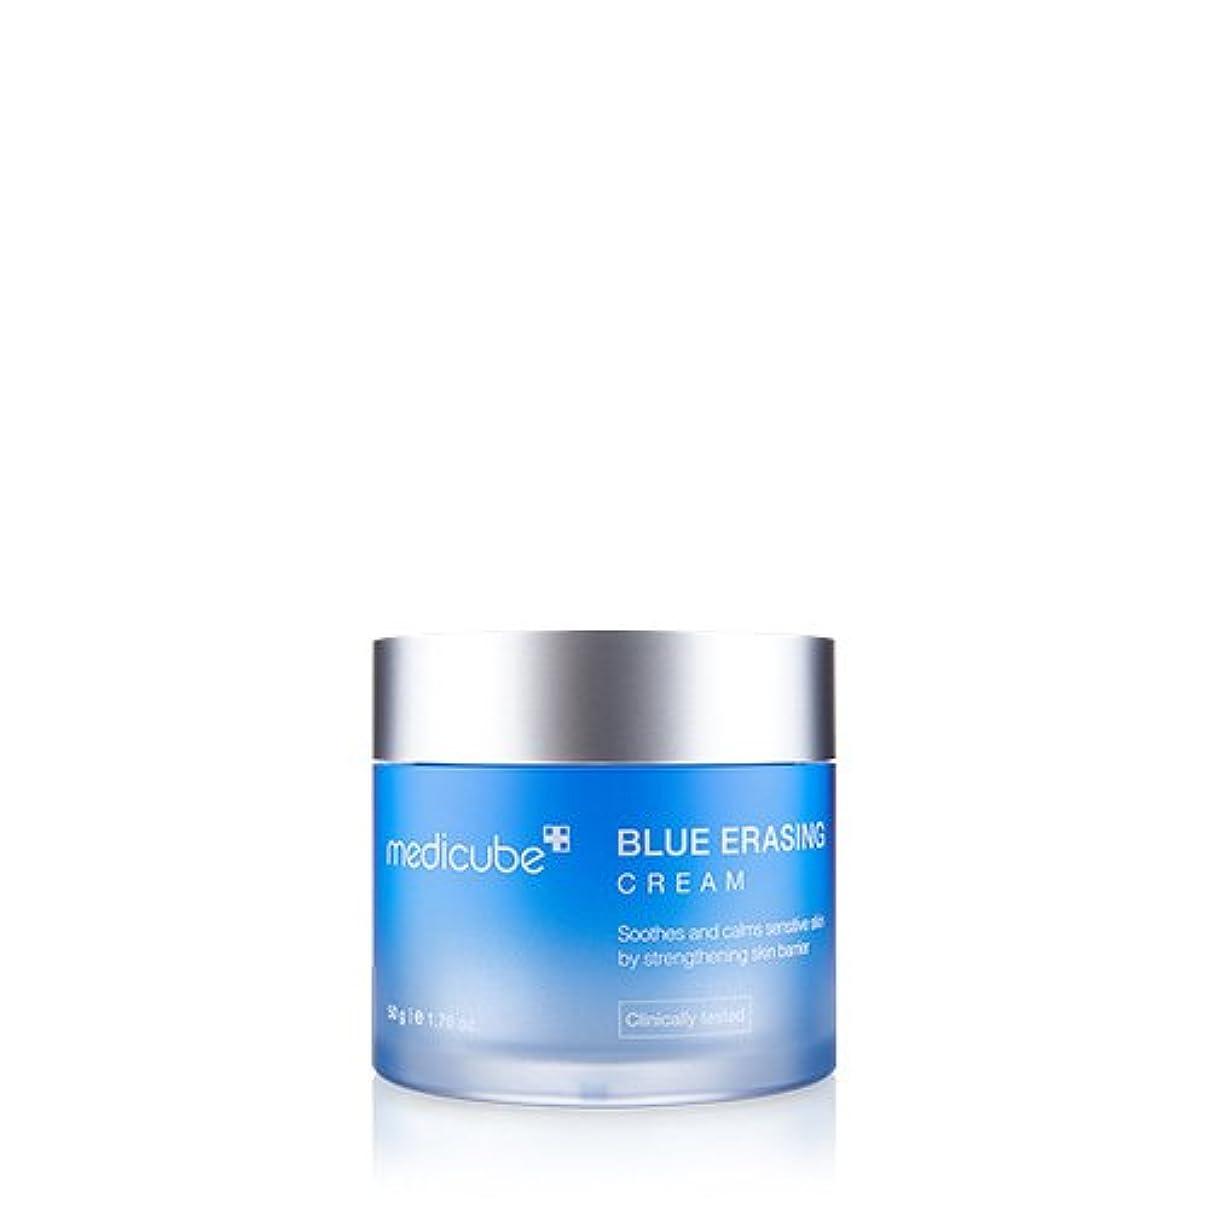 問題騒ぎ技術的な[MEDICUBE] ★新着★送料無料★ Blue Erasing Cream/ブルーイレイジングクリーム [並行輸入品]